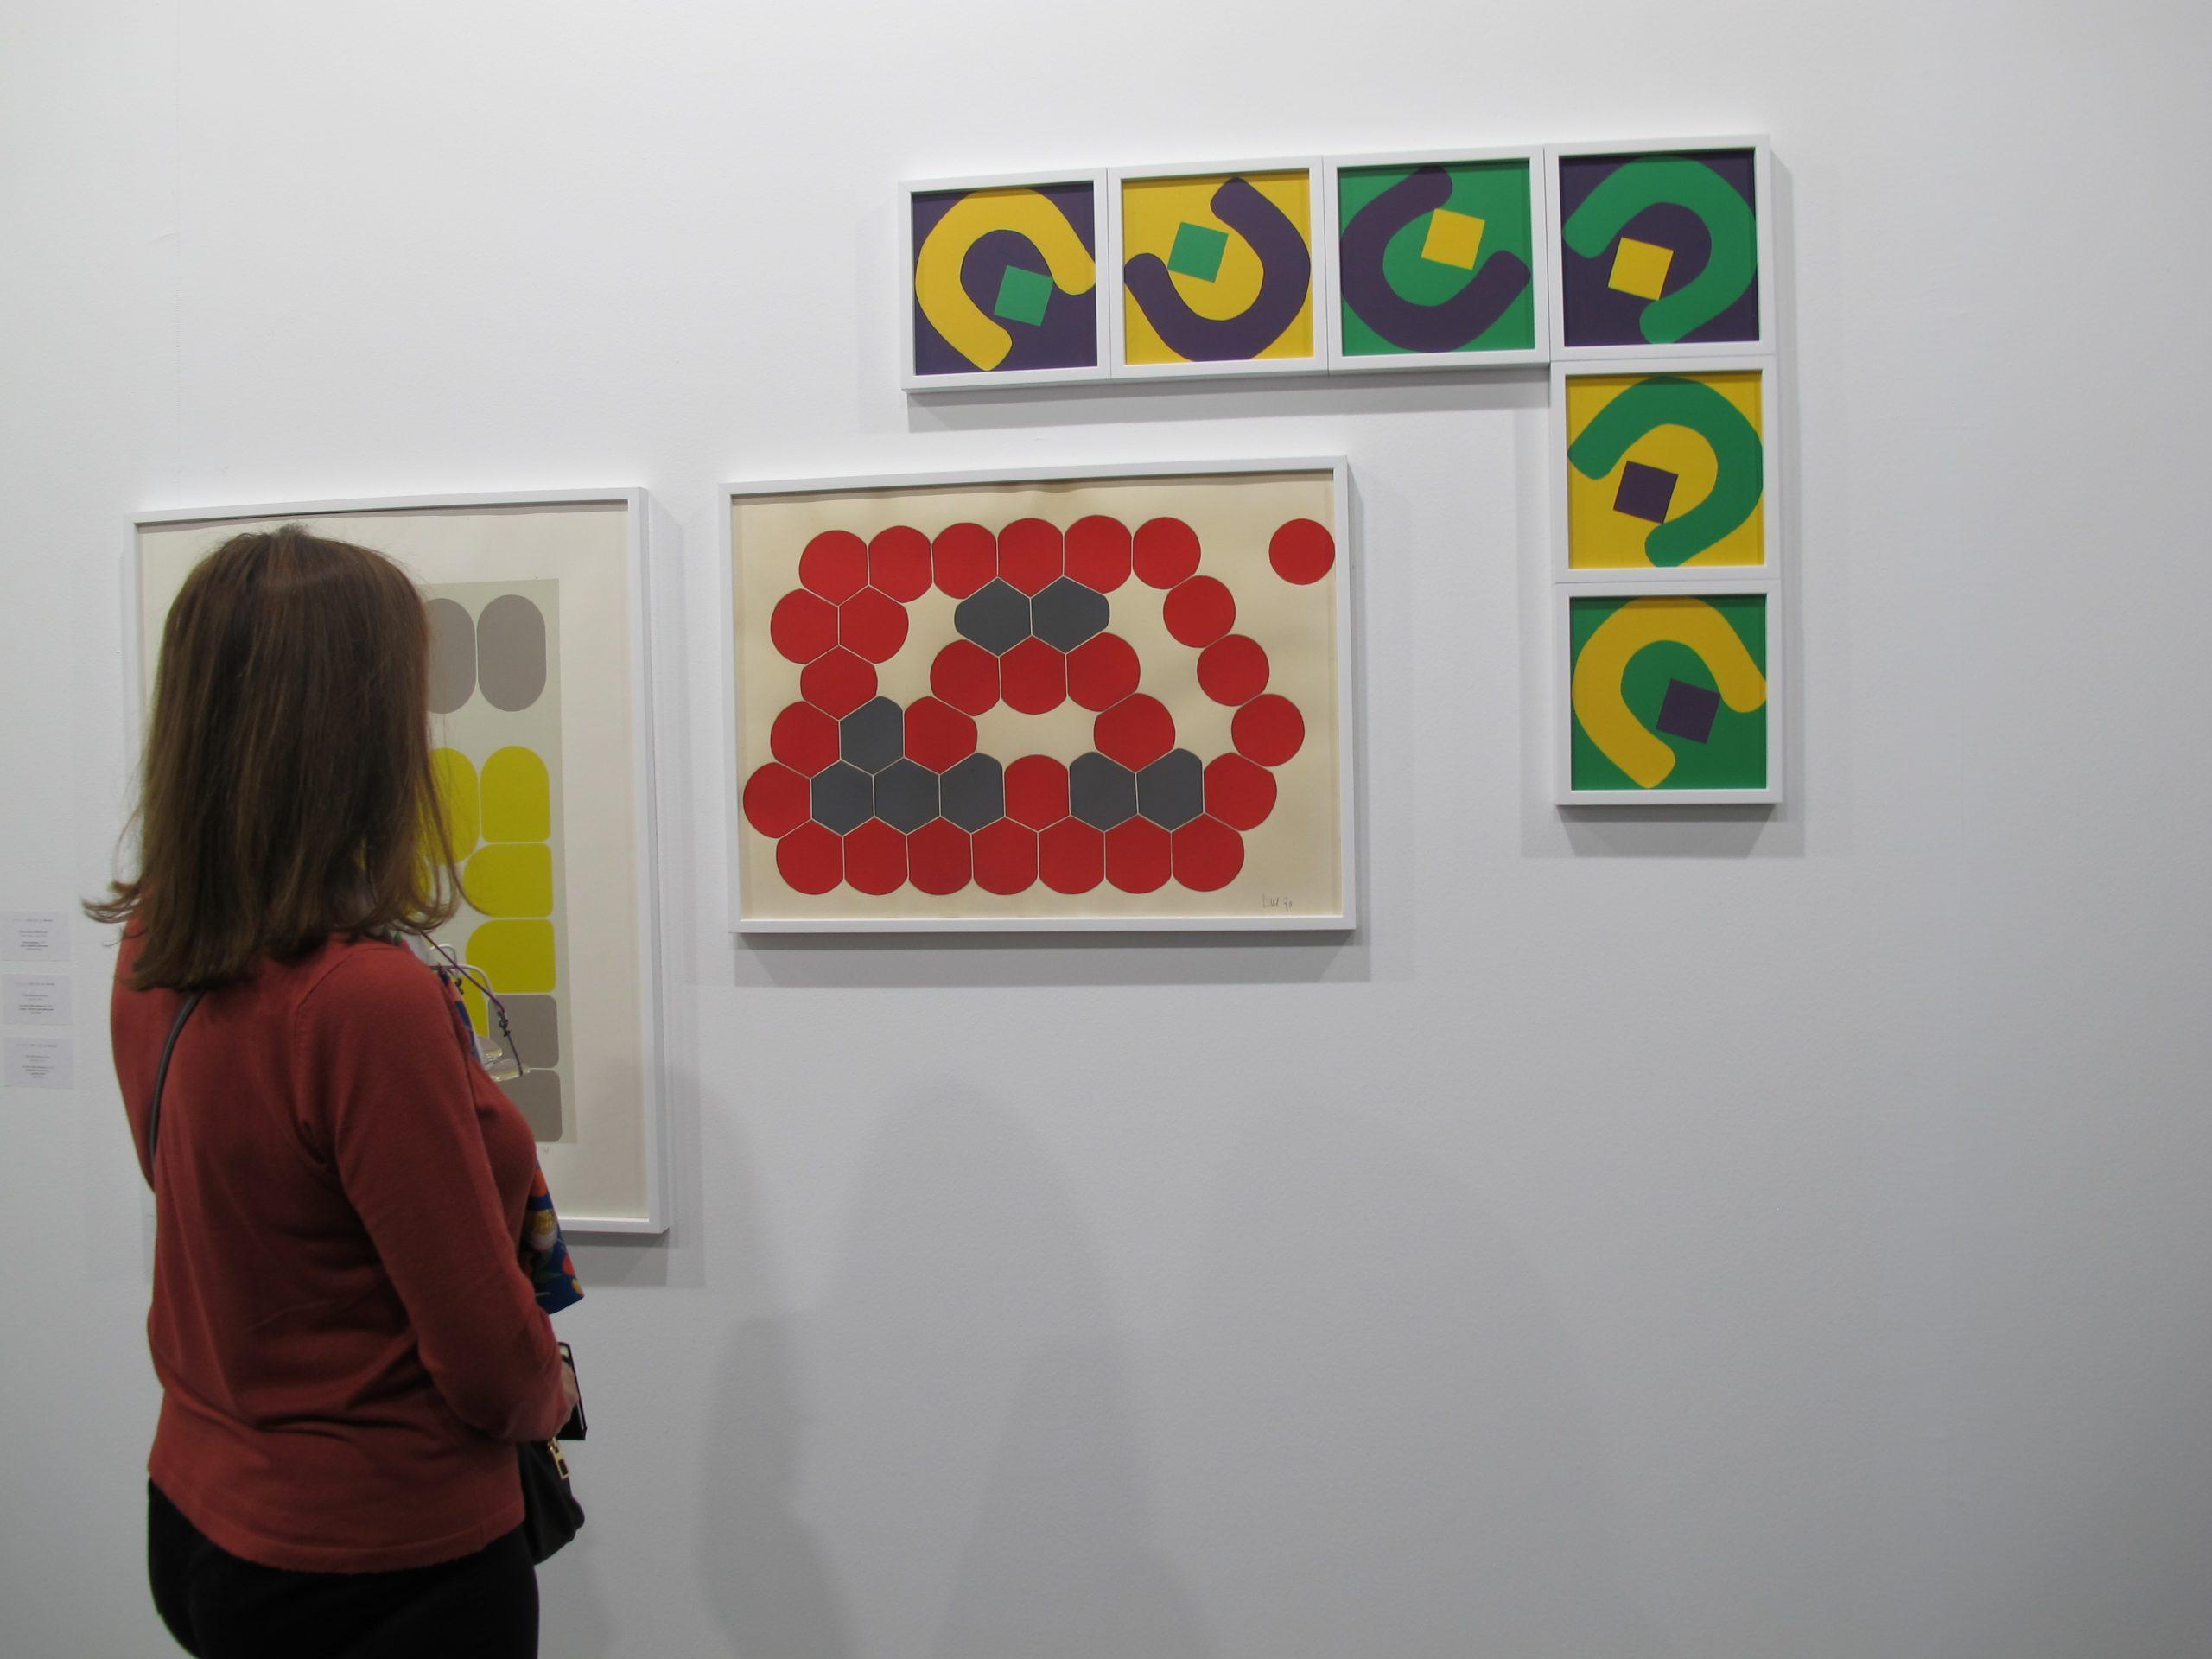 Balance positivo en ARCOmadrid apoyado por el mundo del arte - Revista de Arte - Logopress